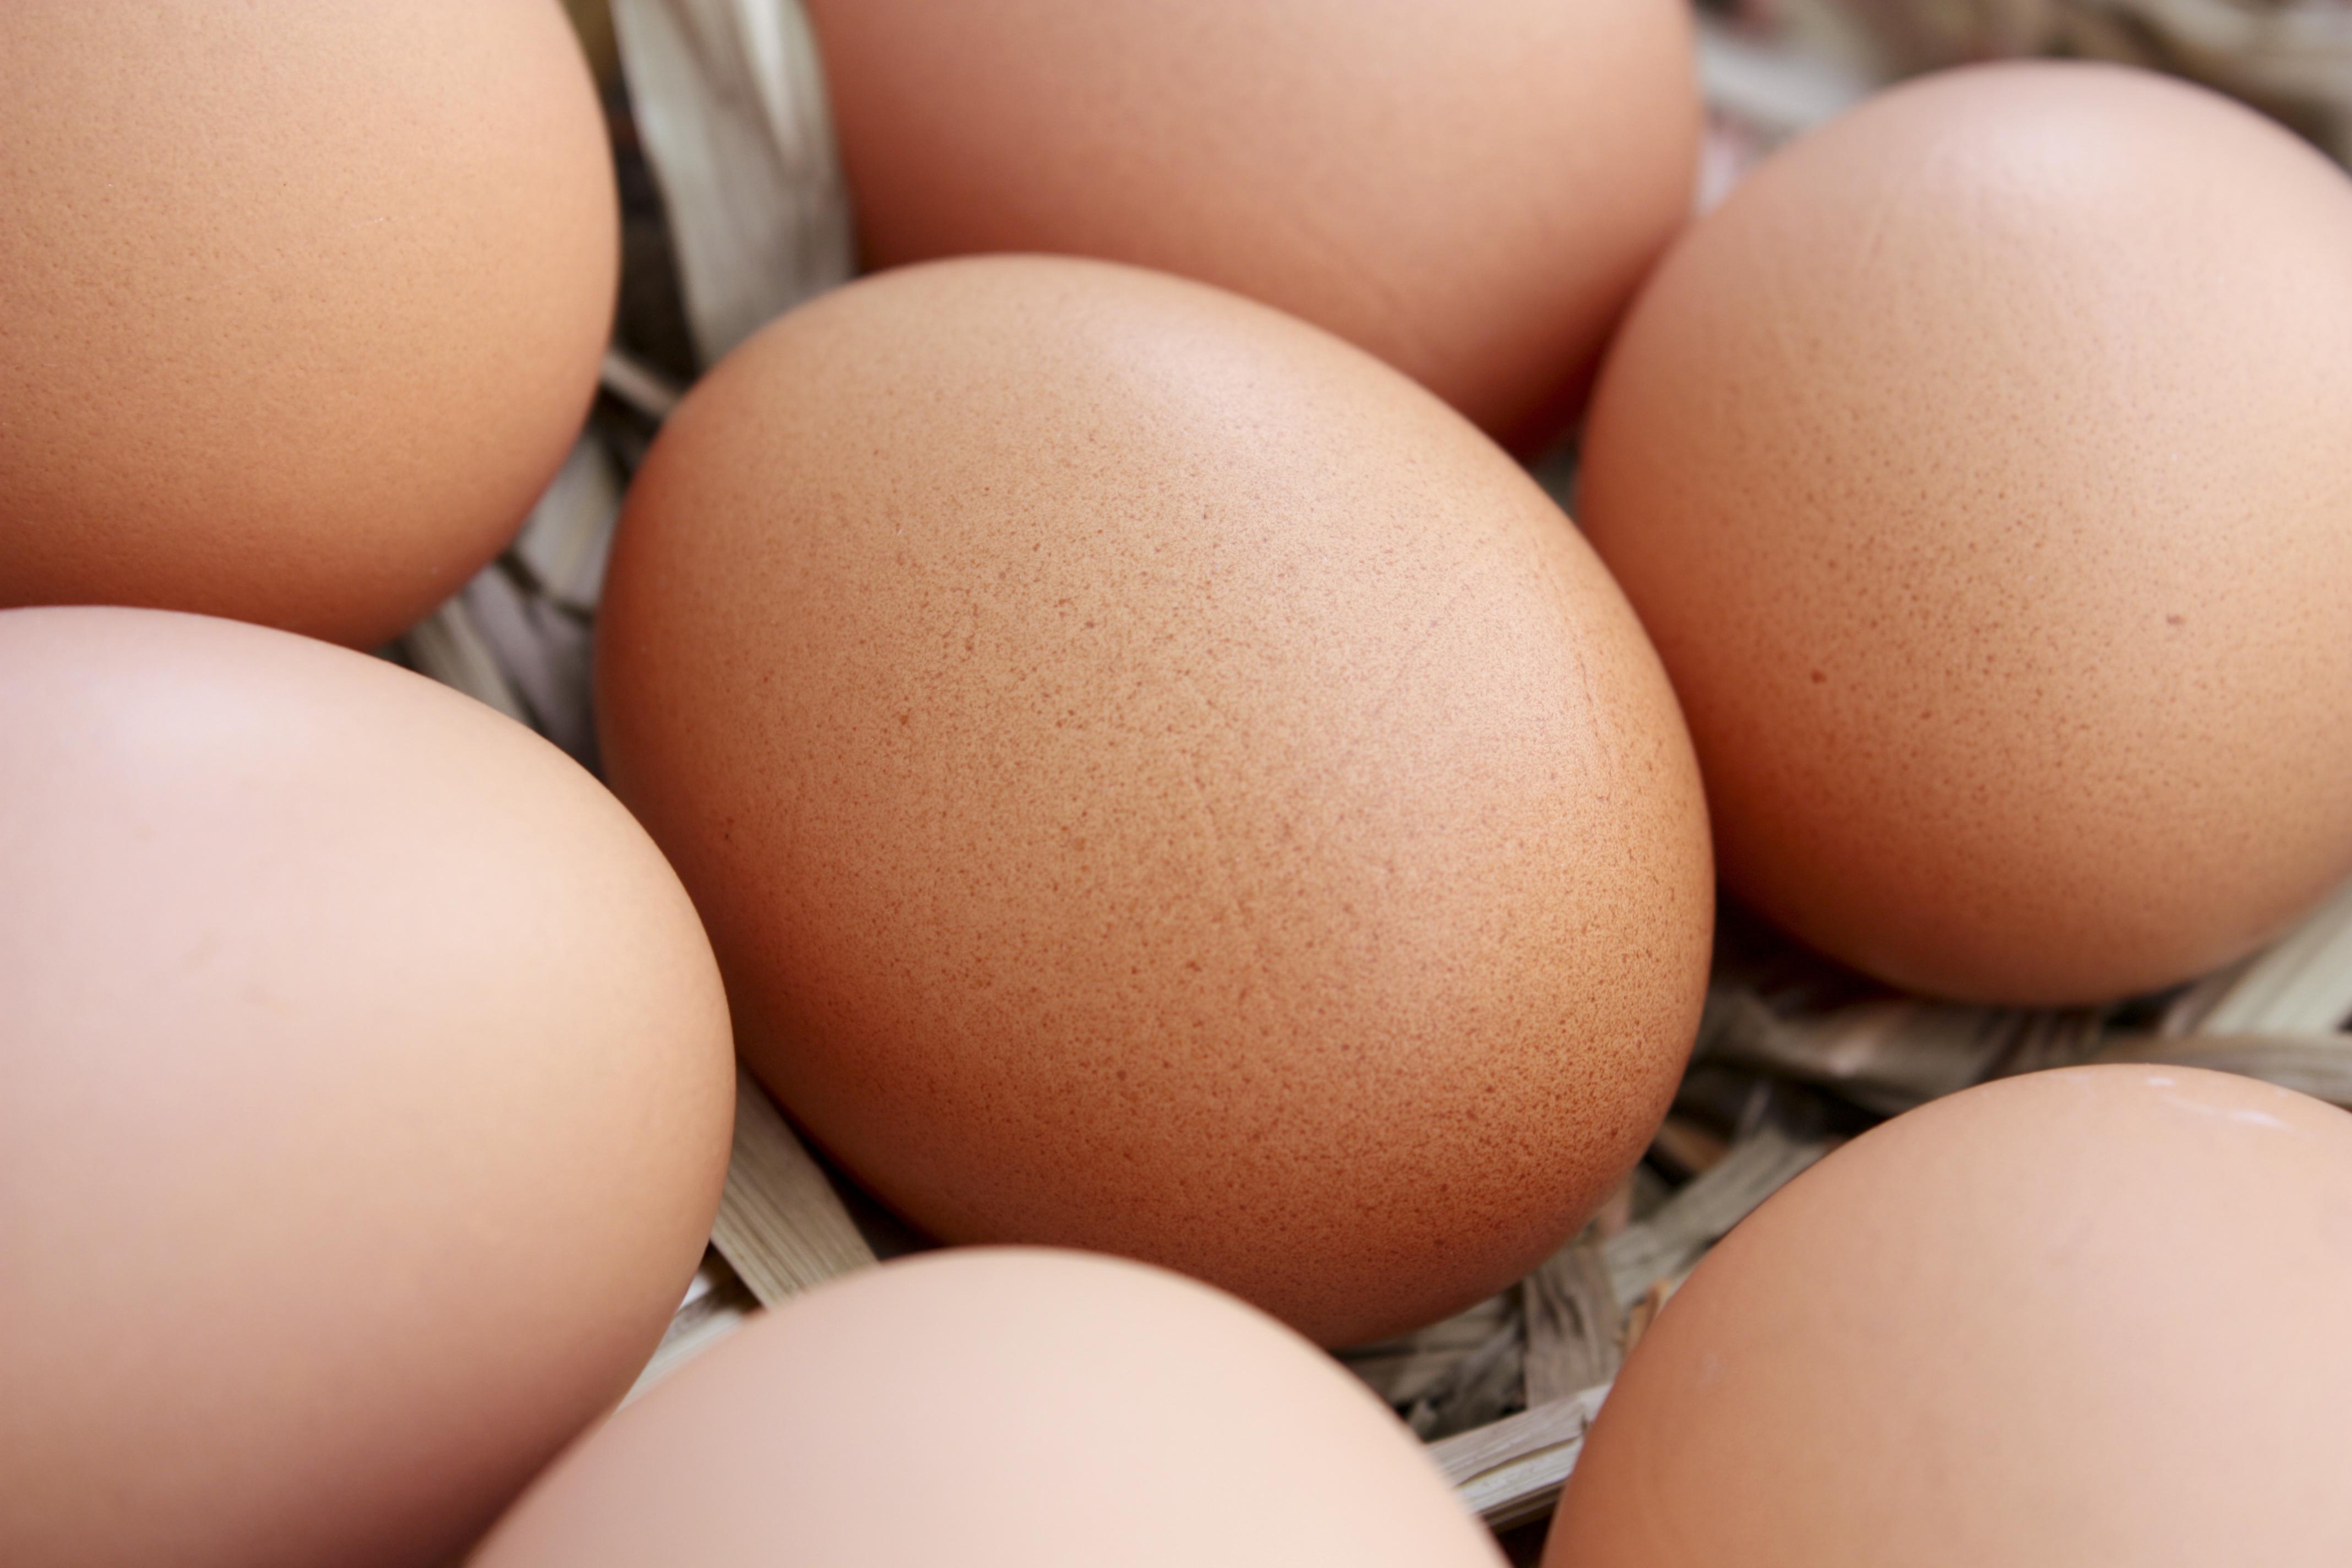 Średnia cena jaj wszystkich klas wagowych spadła o 10%